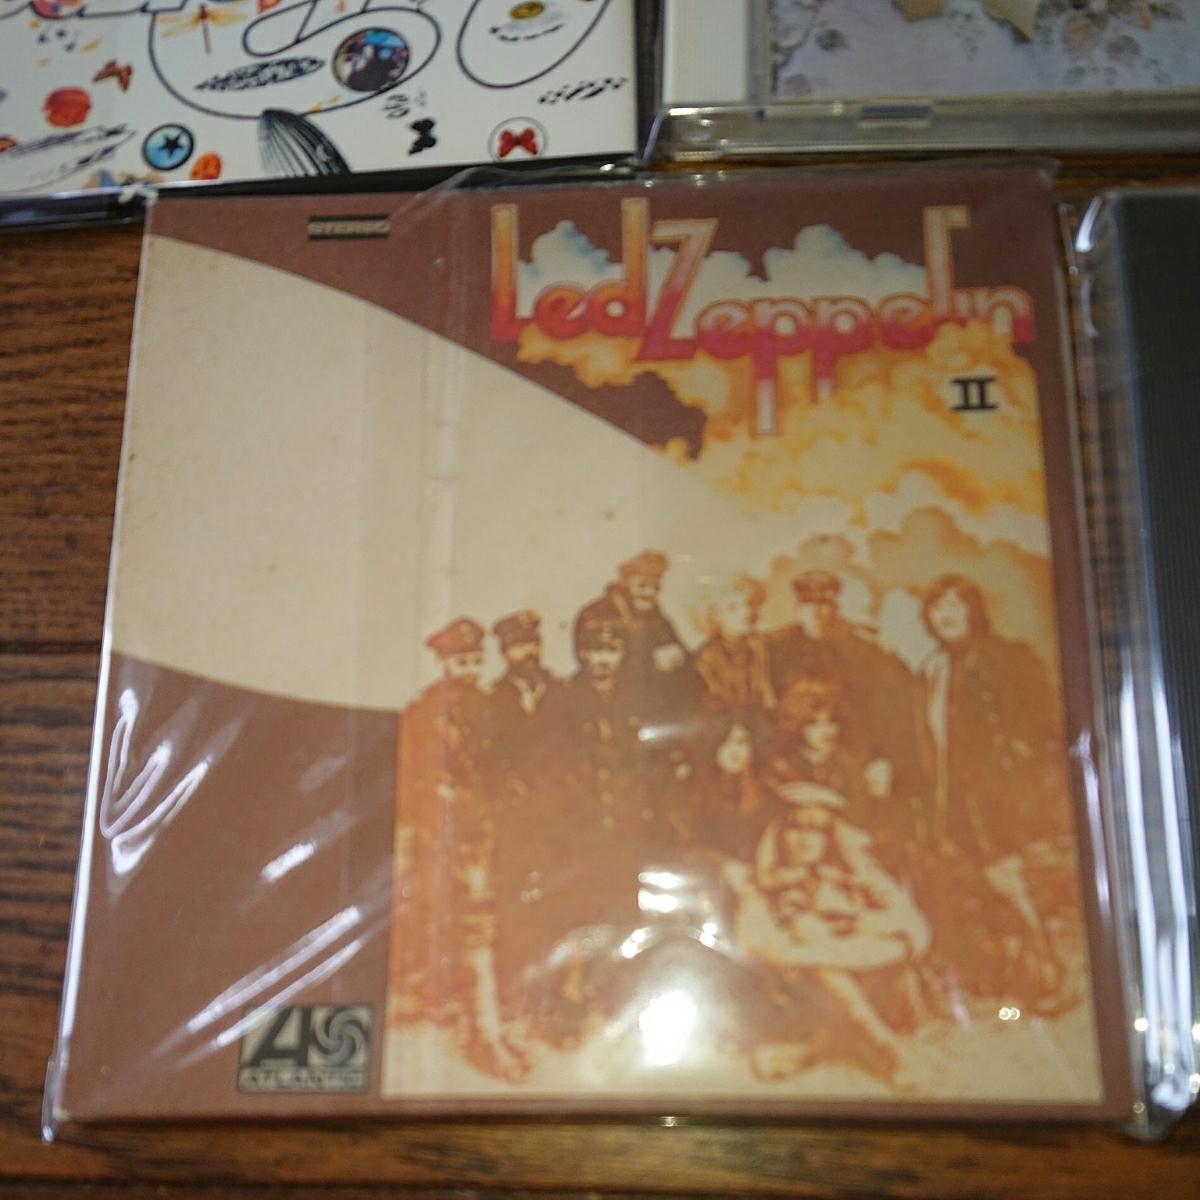 レッド・ツェッペリン Ⅰ~Ⅴ CD 5枚セット 未開封 ジミー・ペイジ、ロバート・プラント、ジョン・ボーナム、ジョン・ポール・ジョーンズ